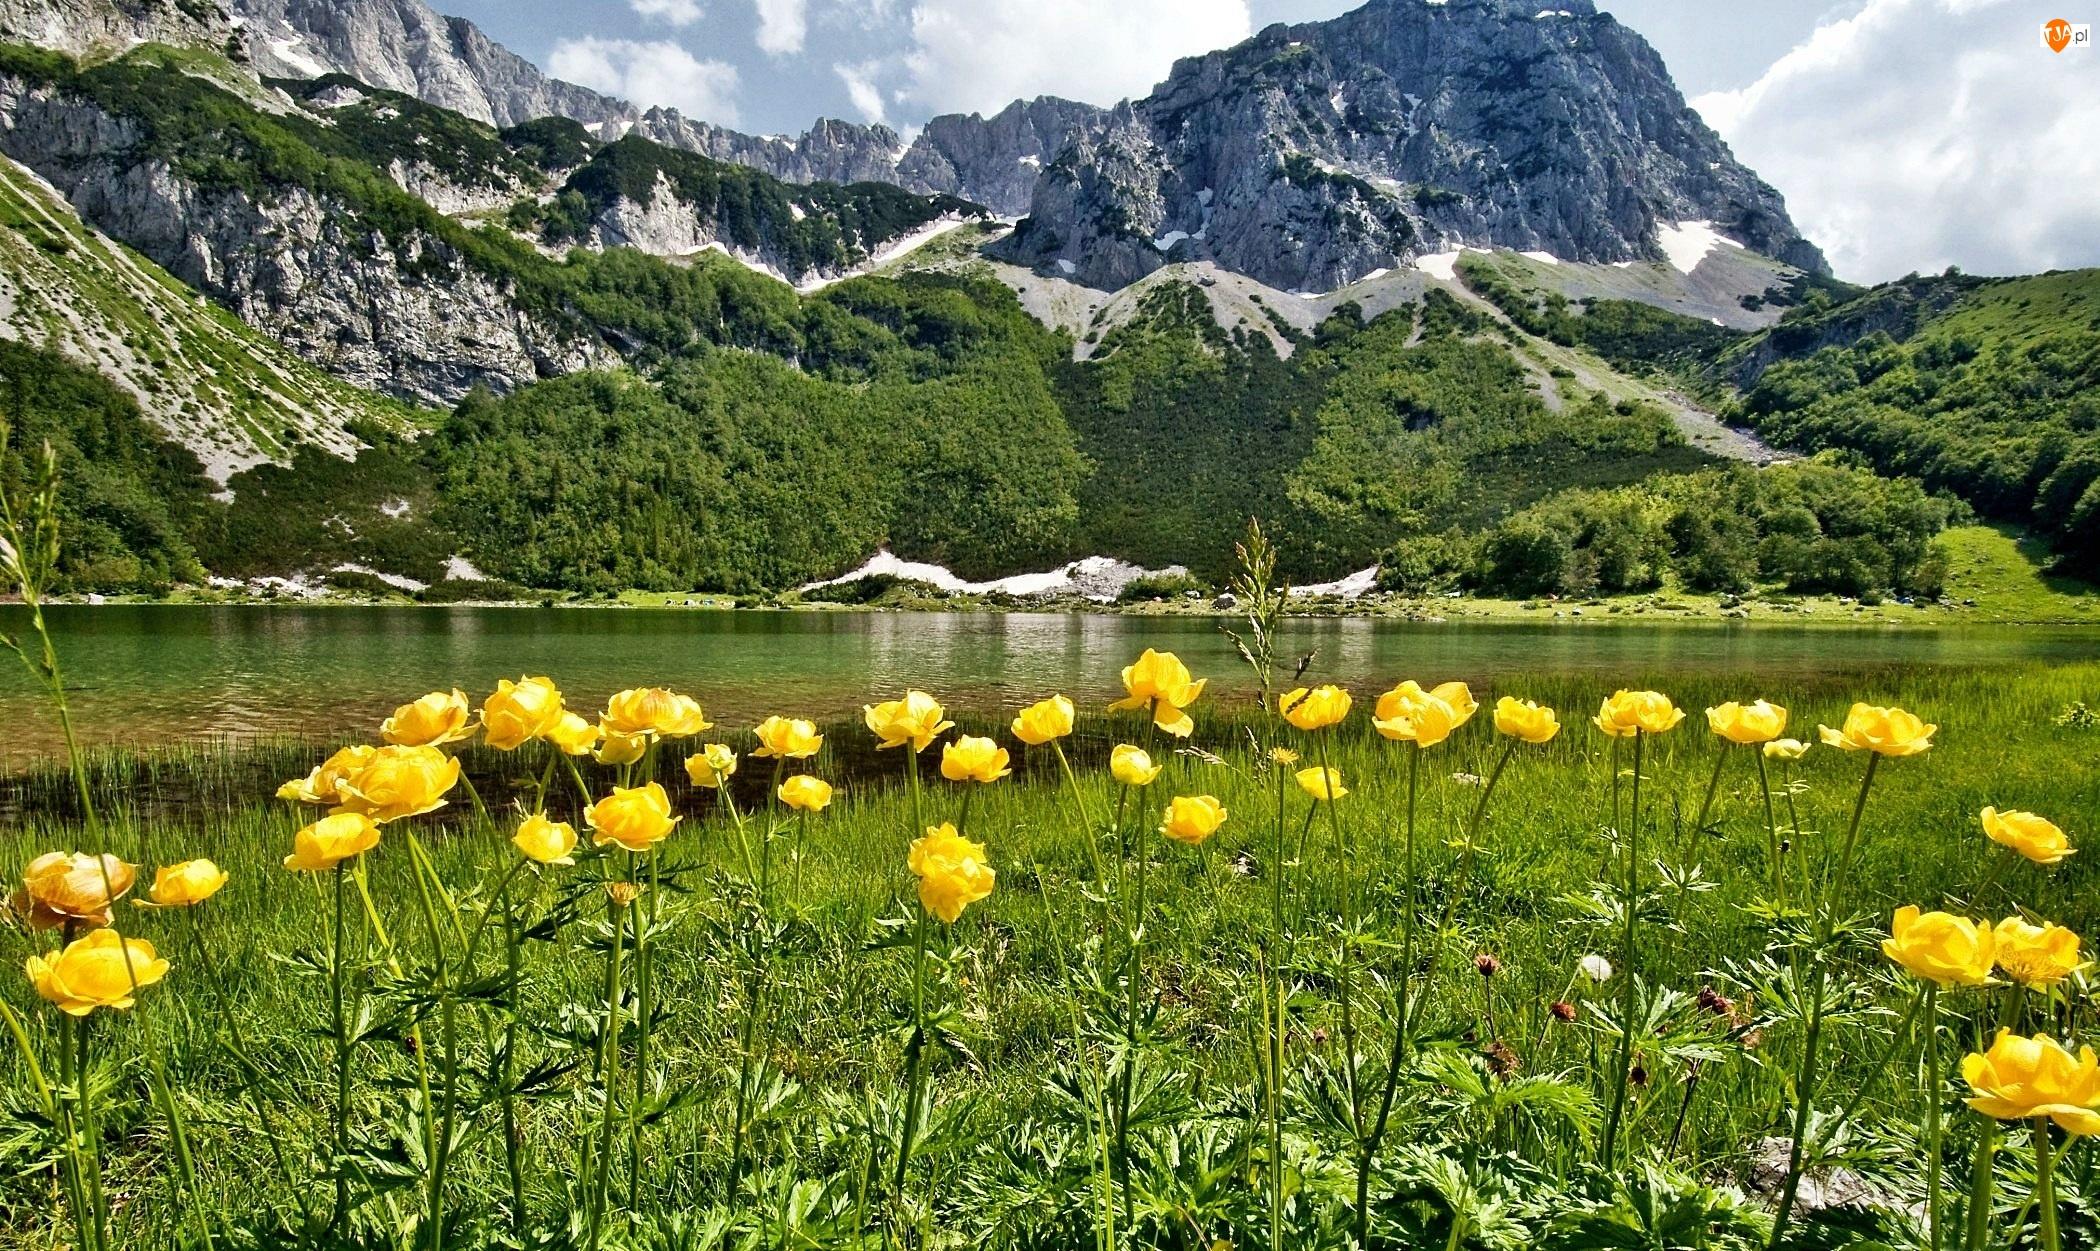 Łąka, Rzeka, Kwiaty, Góry